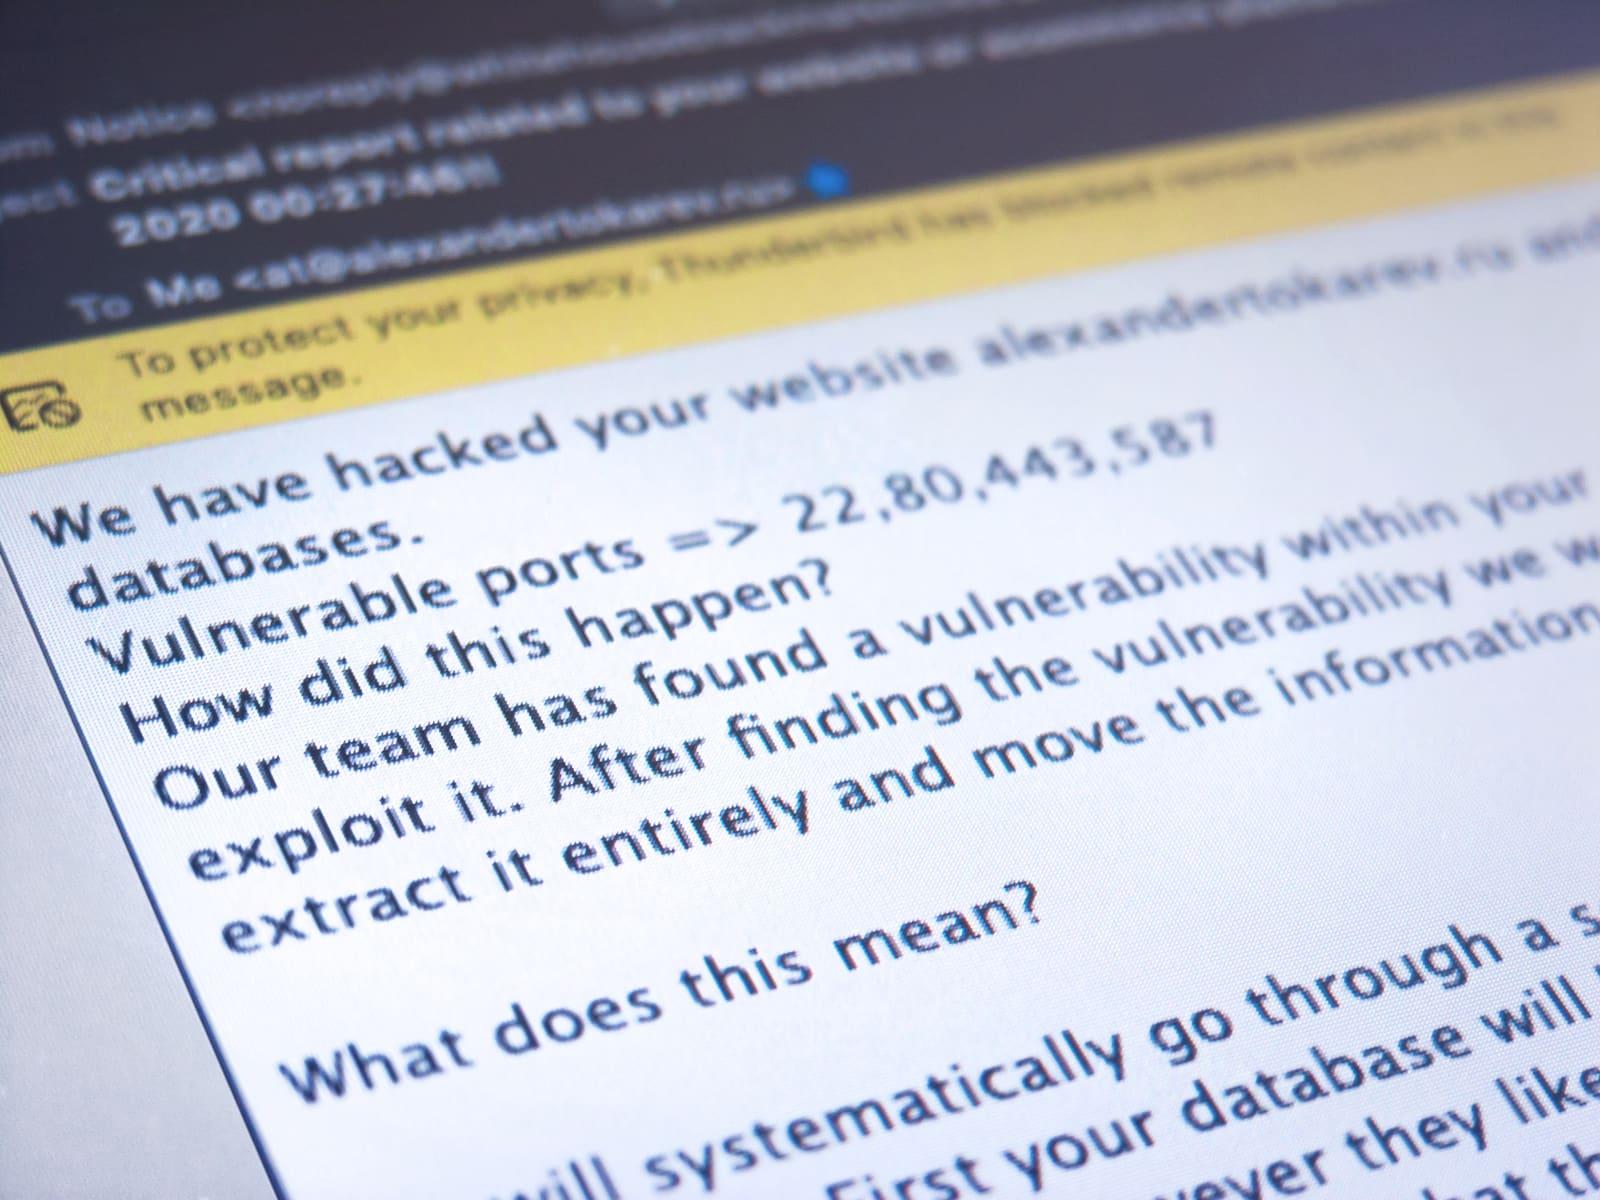 Письмо от хакера